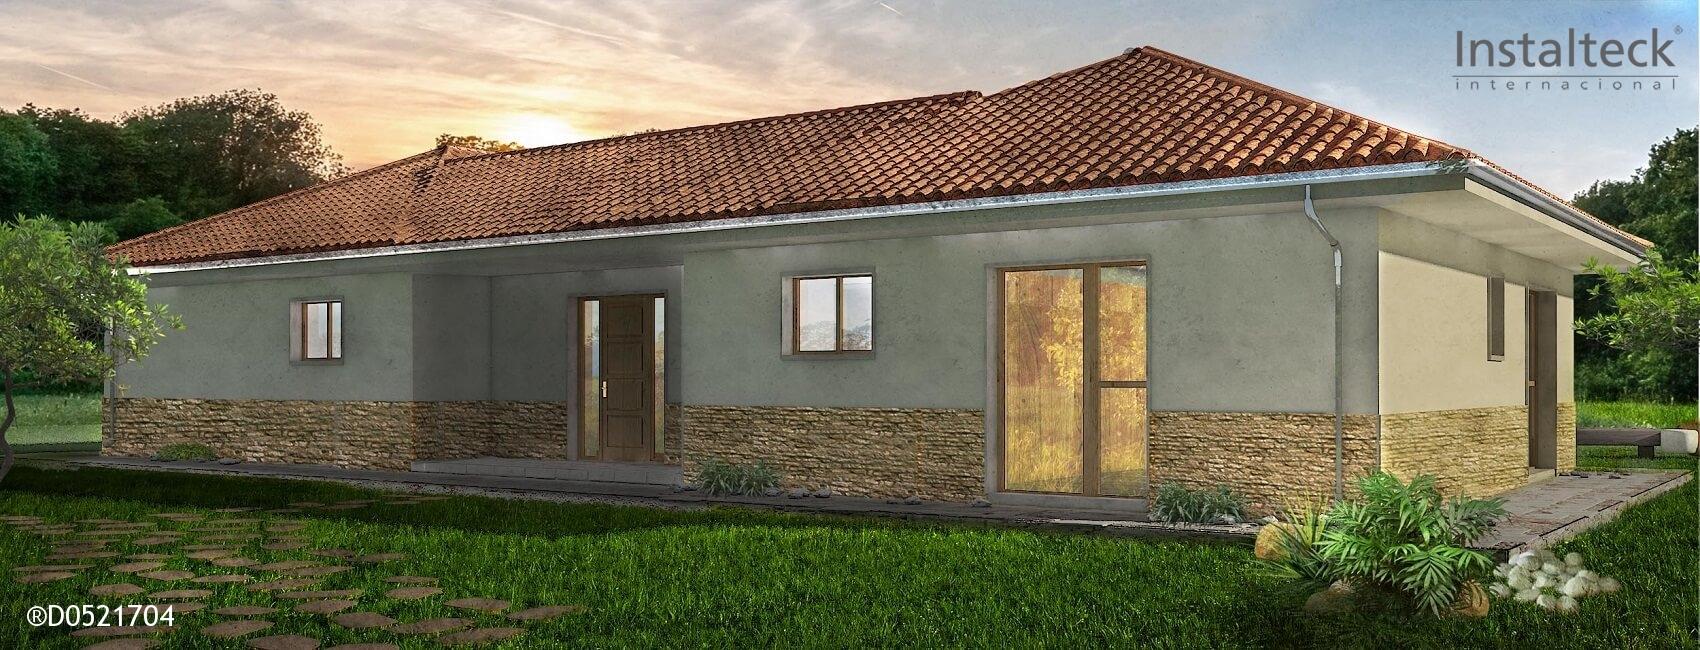 Modelo de casa prefabricada 148. Exterior 1